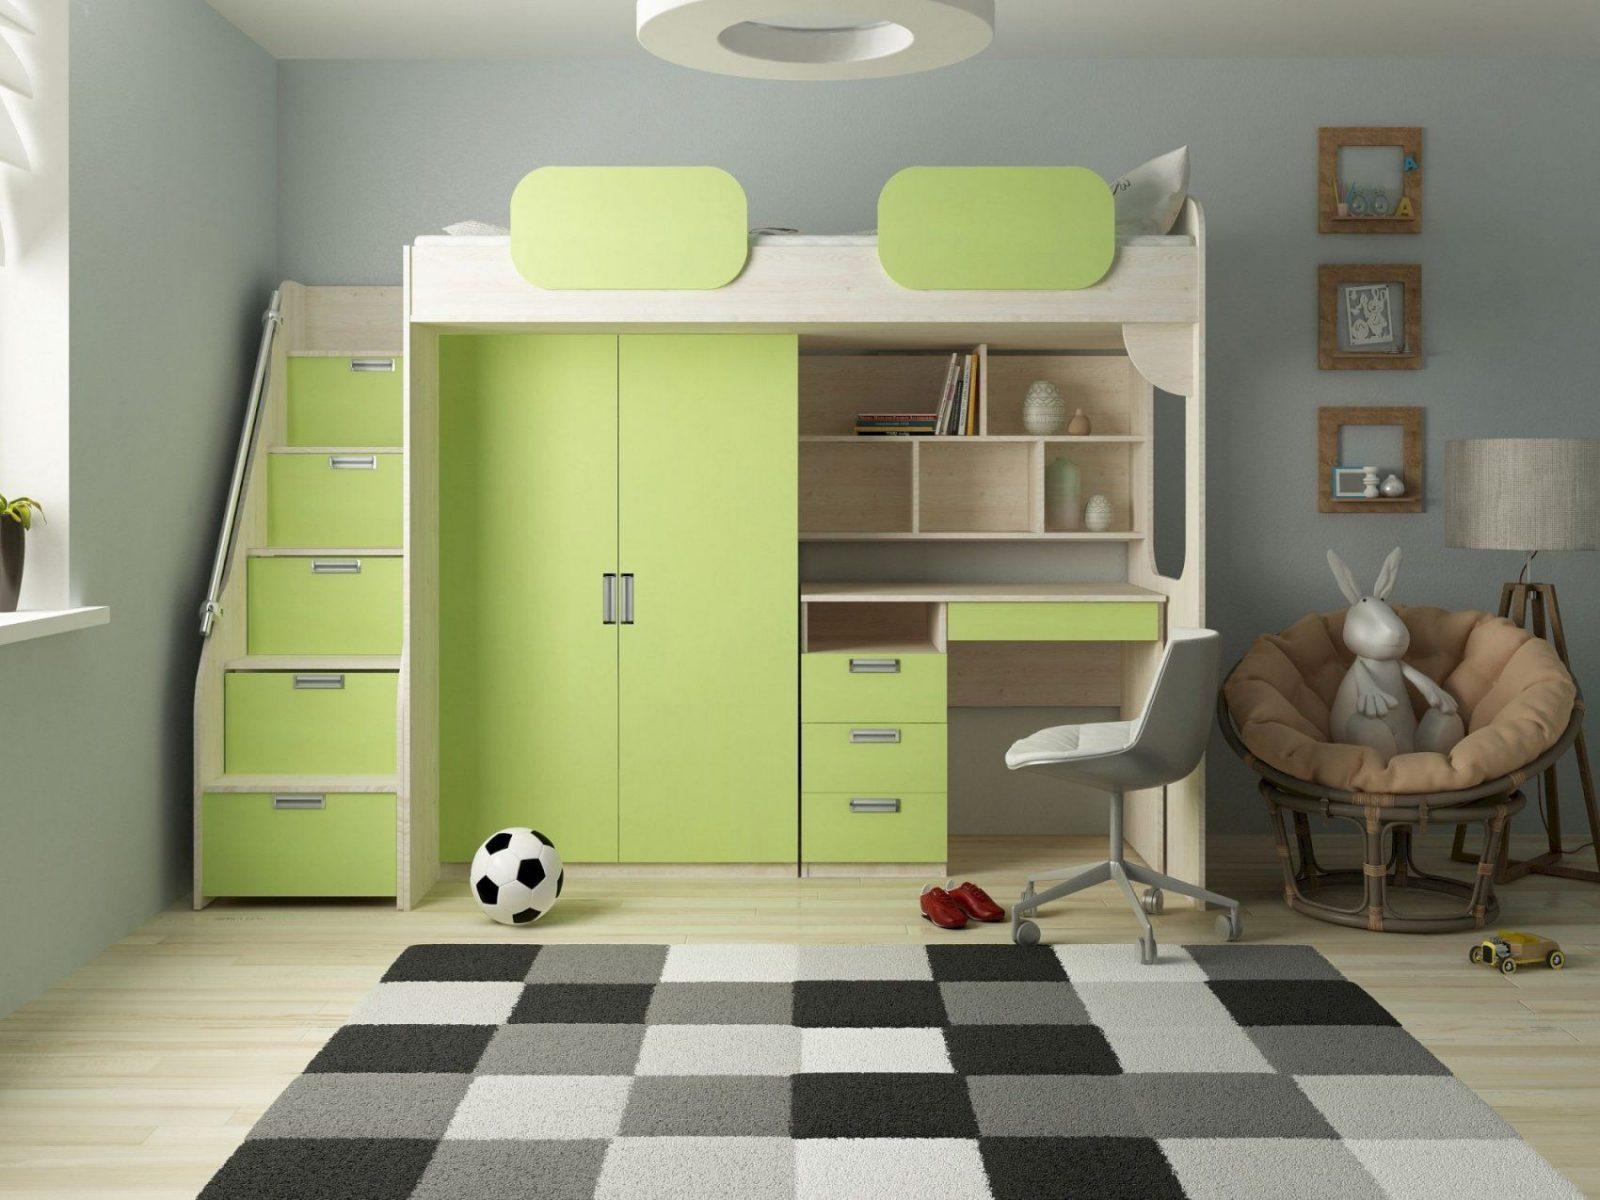 Hochbett Holz Weiß Kinder : Etagenbetten hochbetten kinderbetten kinder jugend